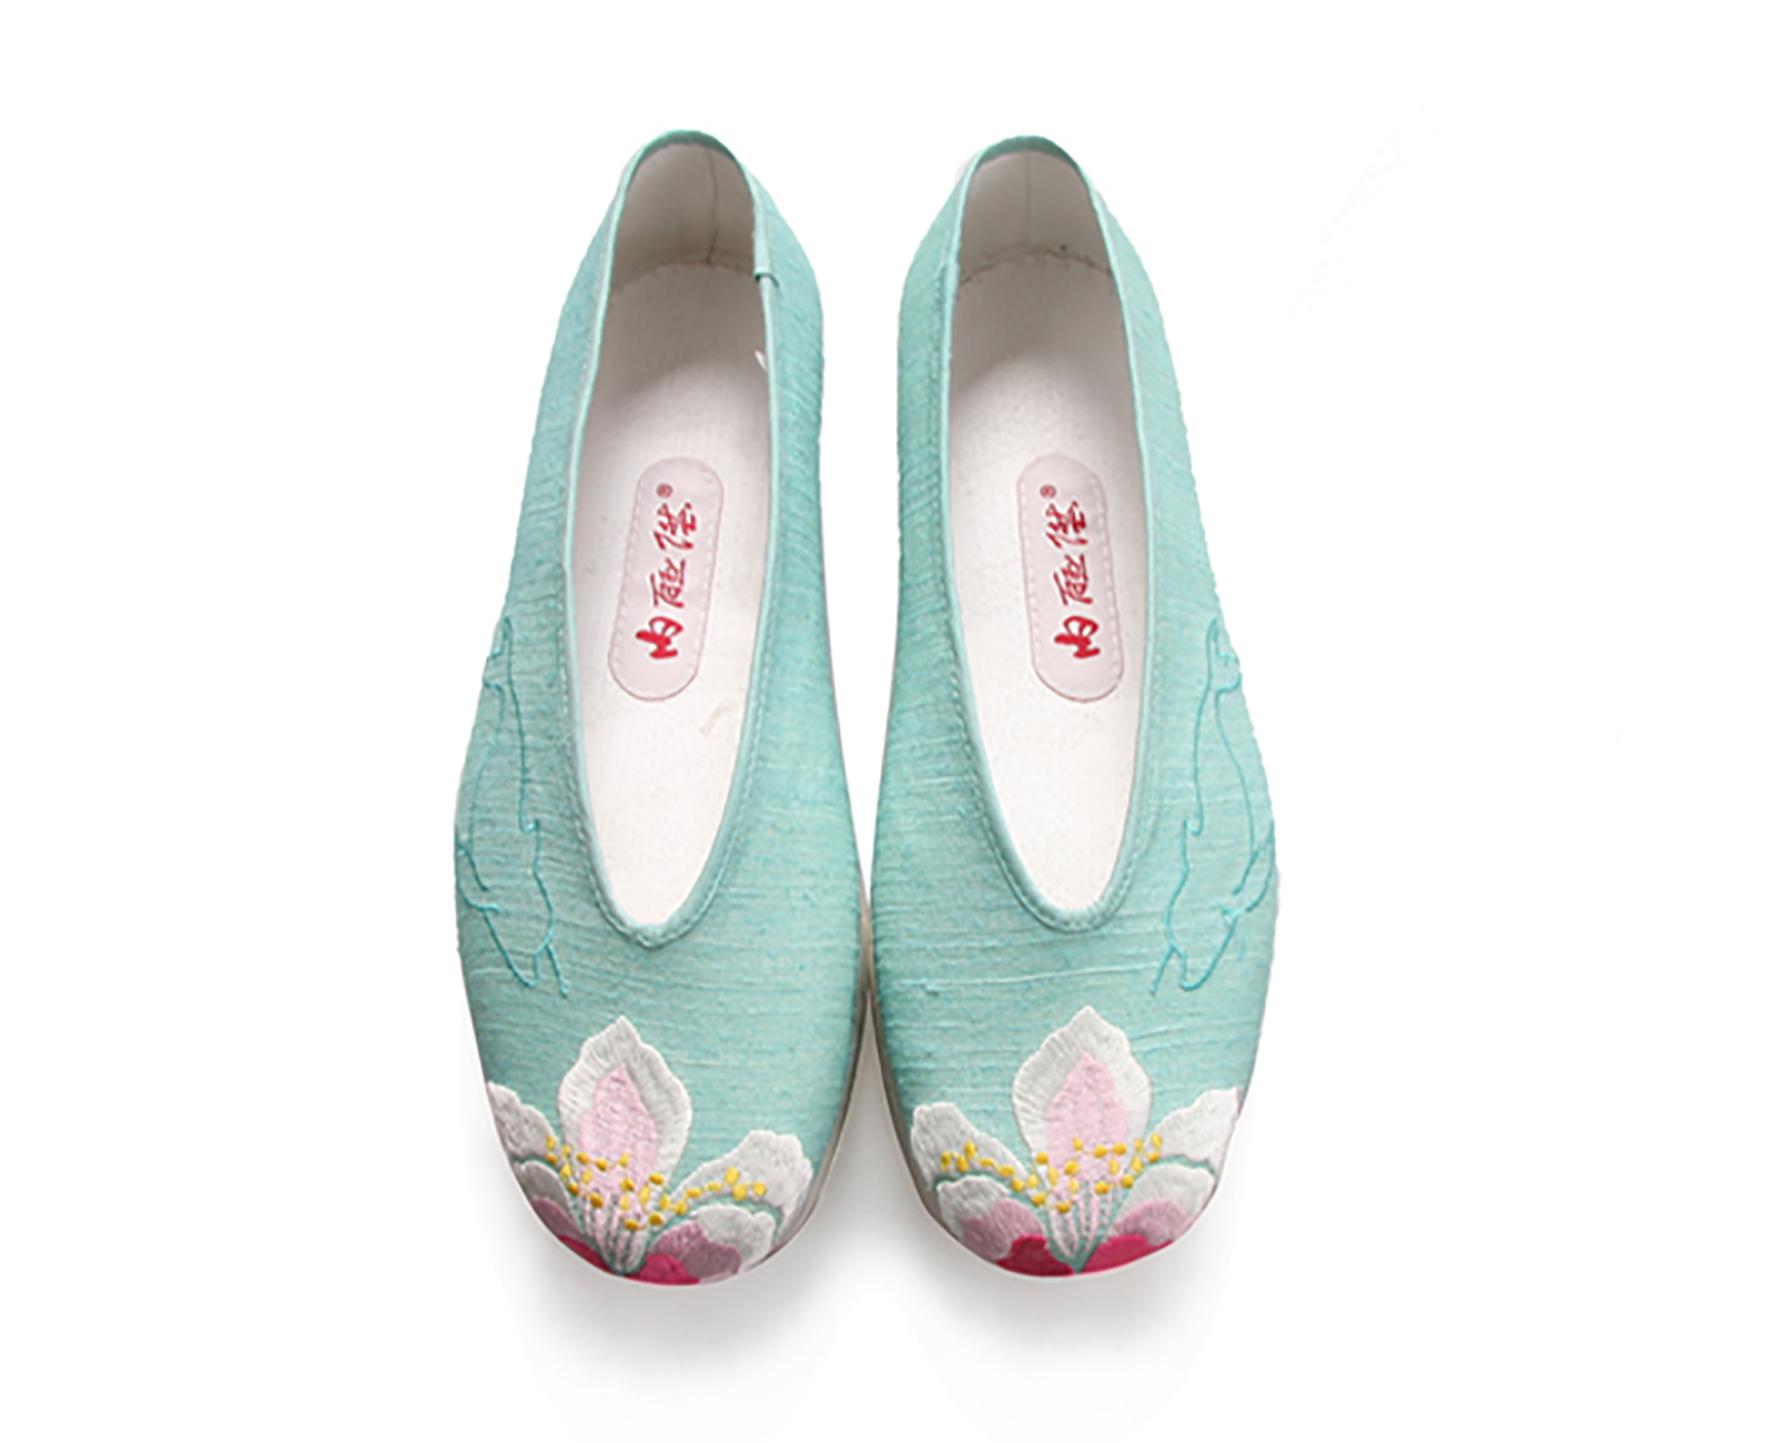 4 内联升大鱼海棠系列女鞋.jpg